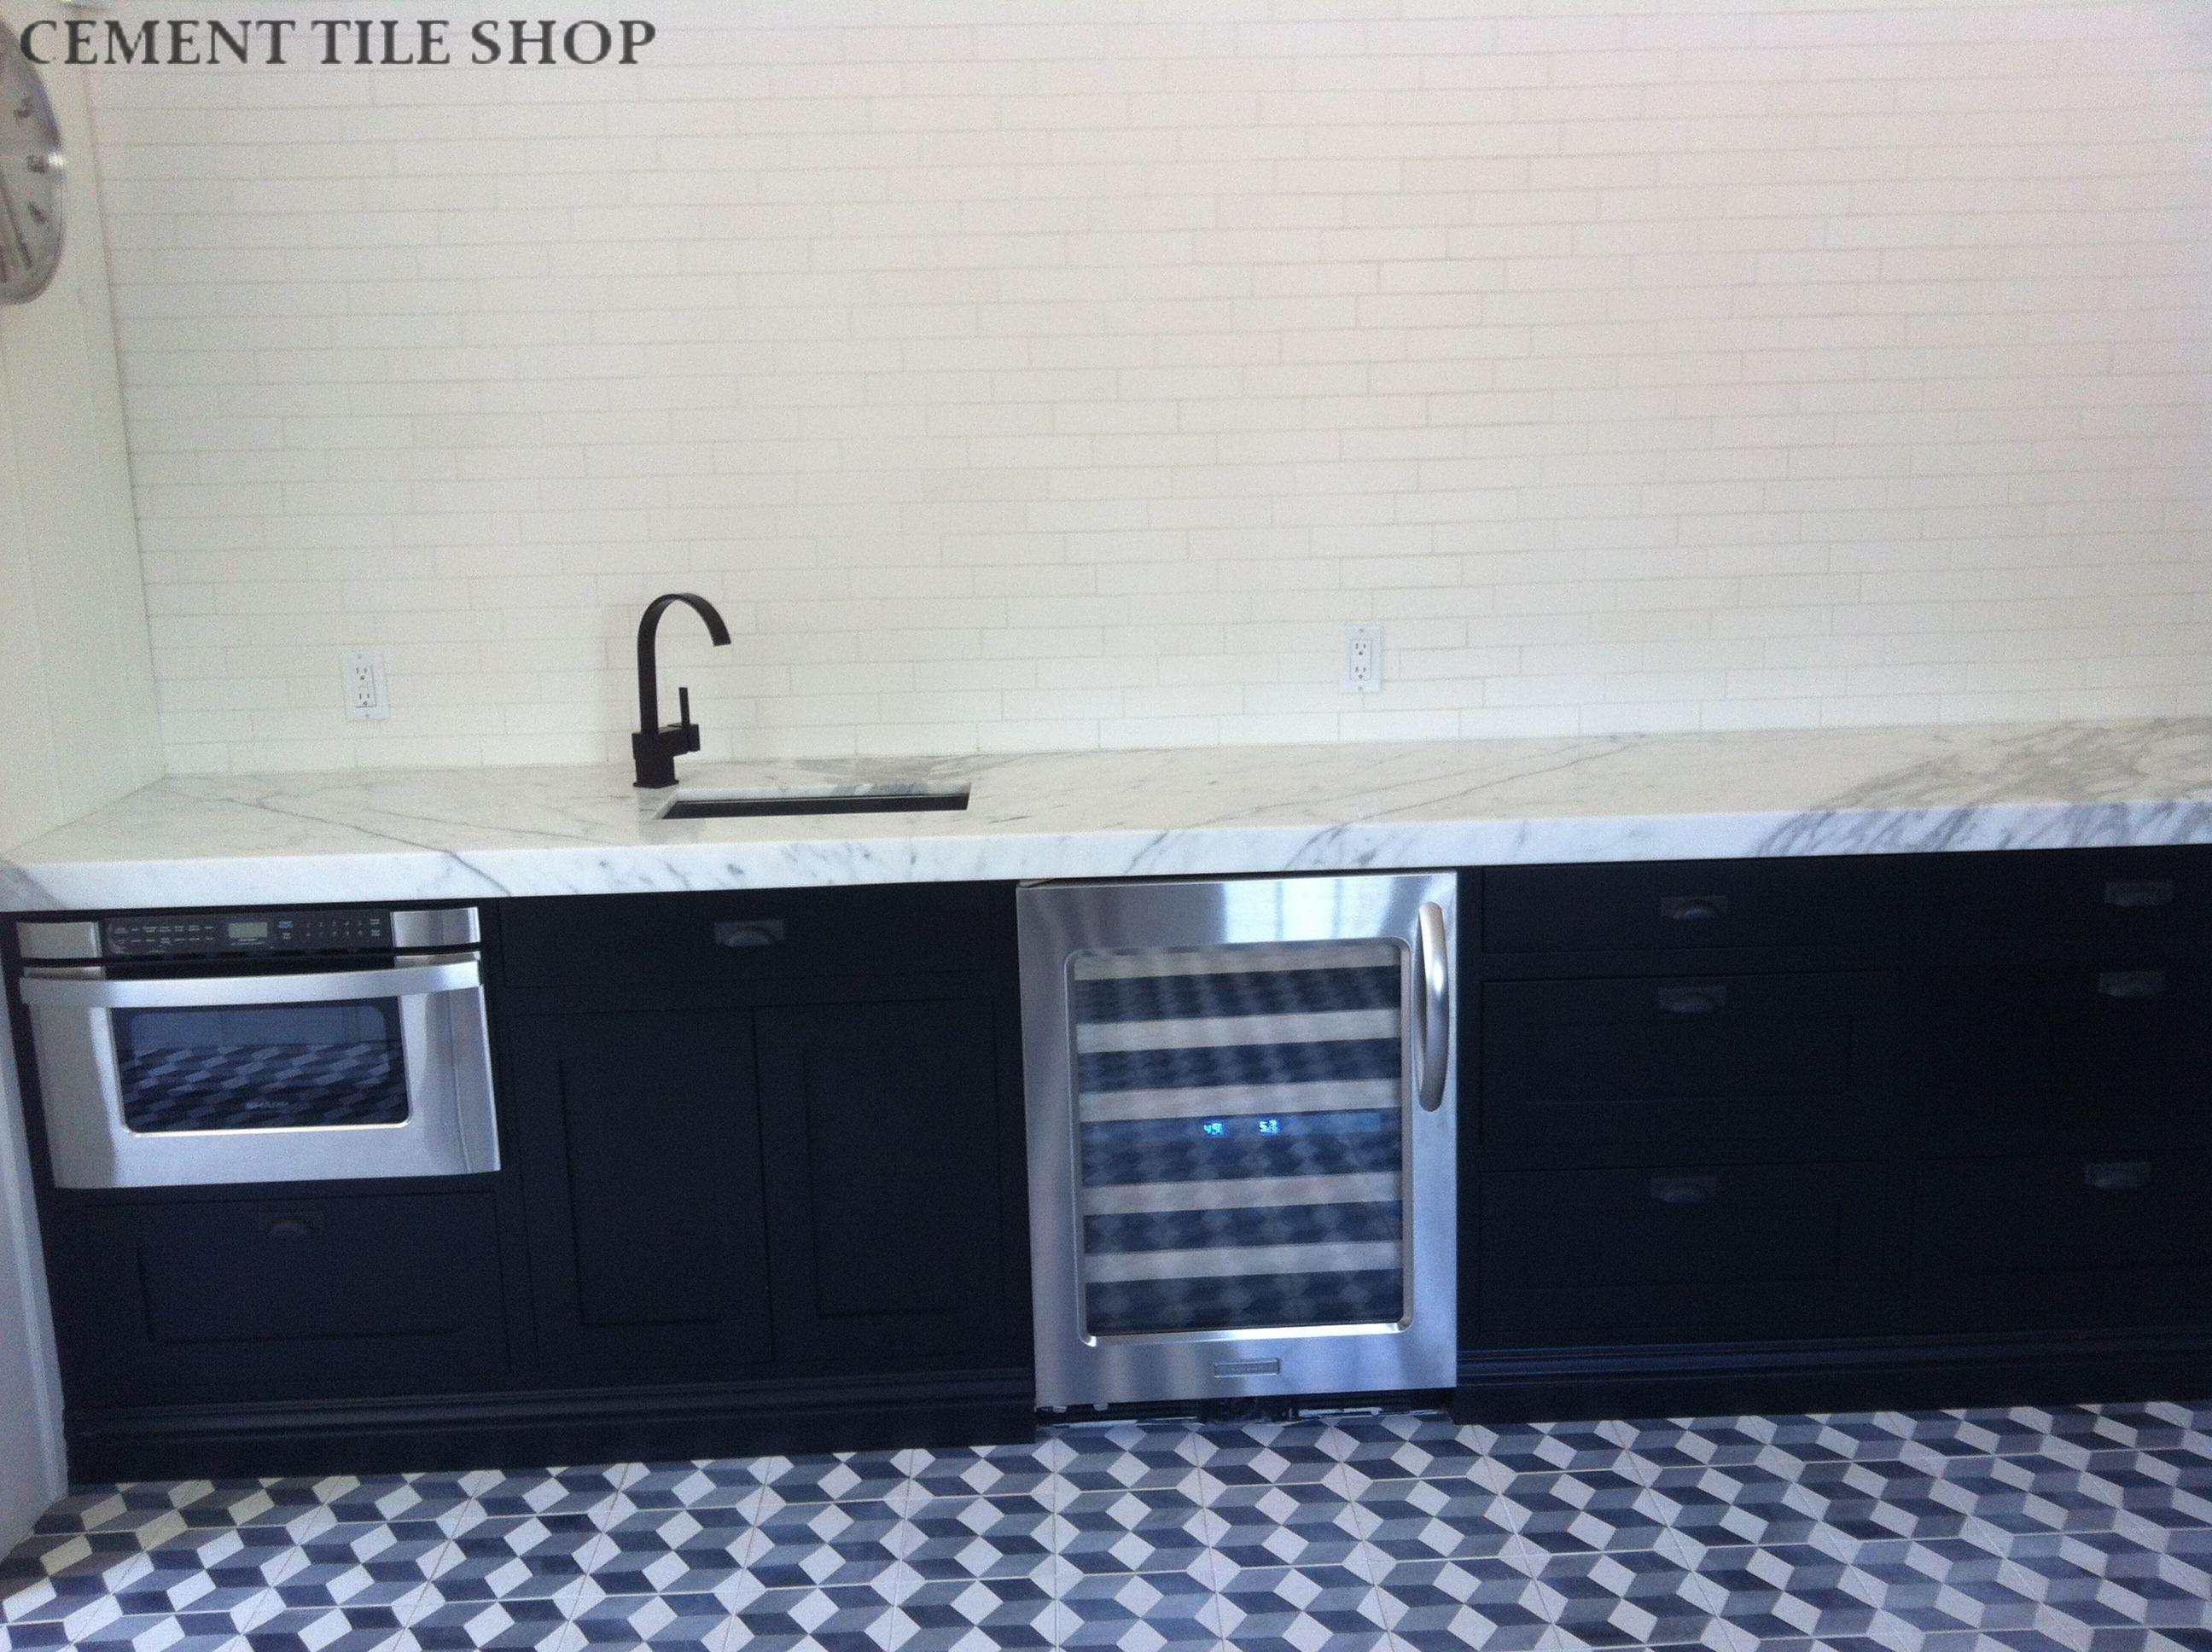 Cement Tile Shop - Harlequin Pattern 3